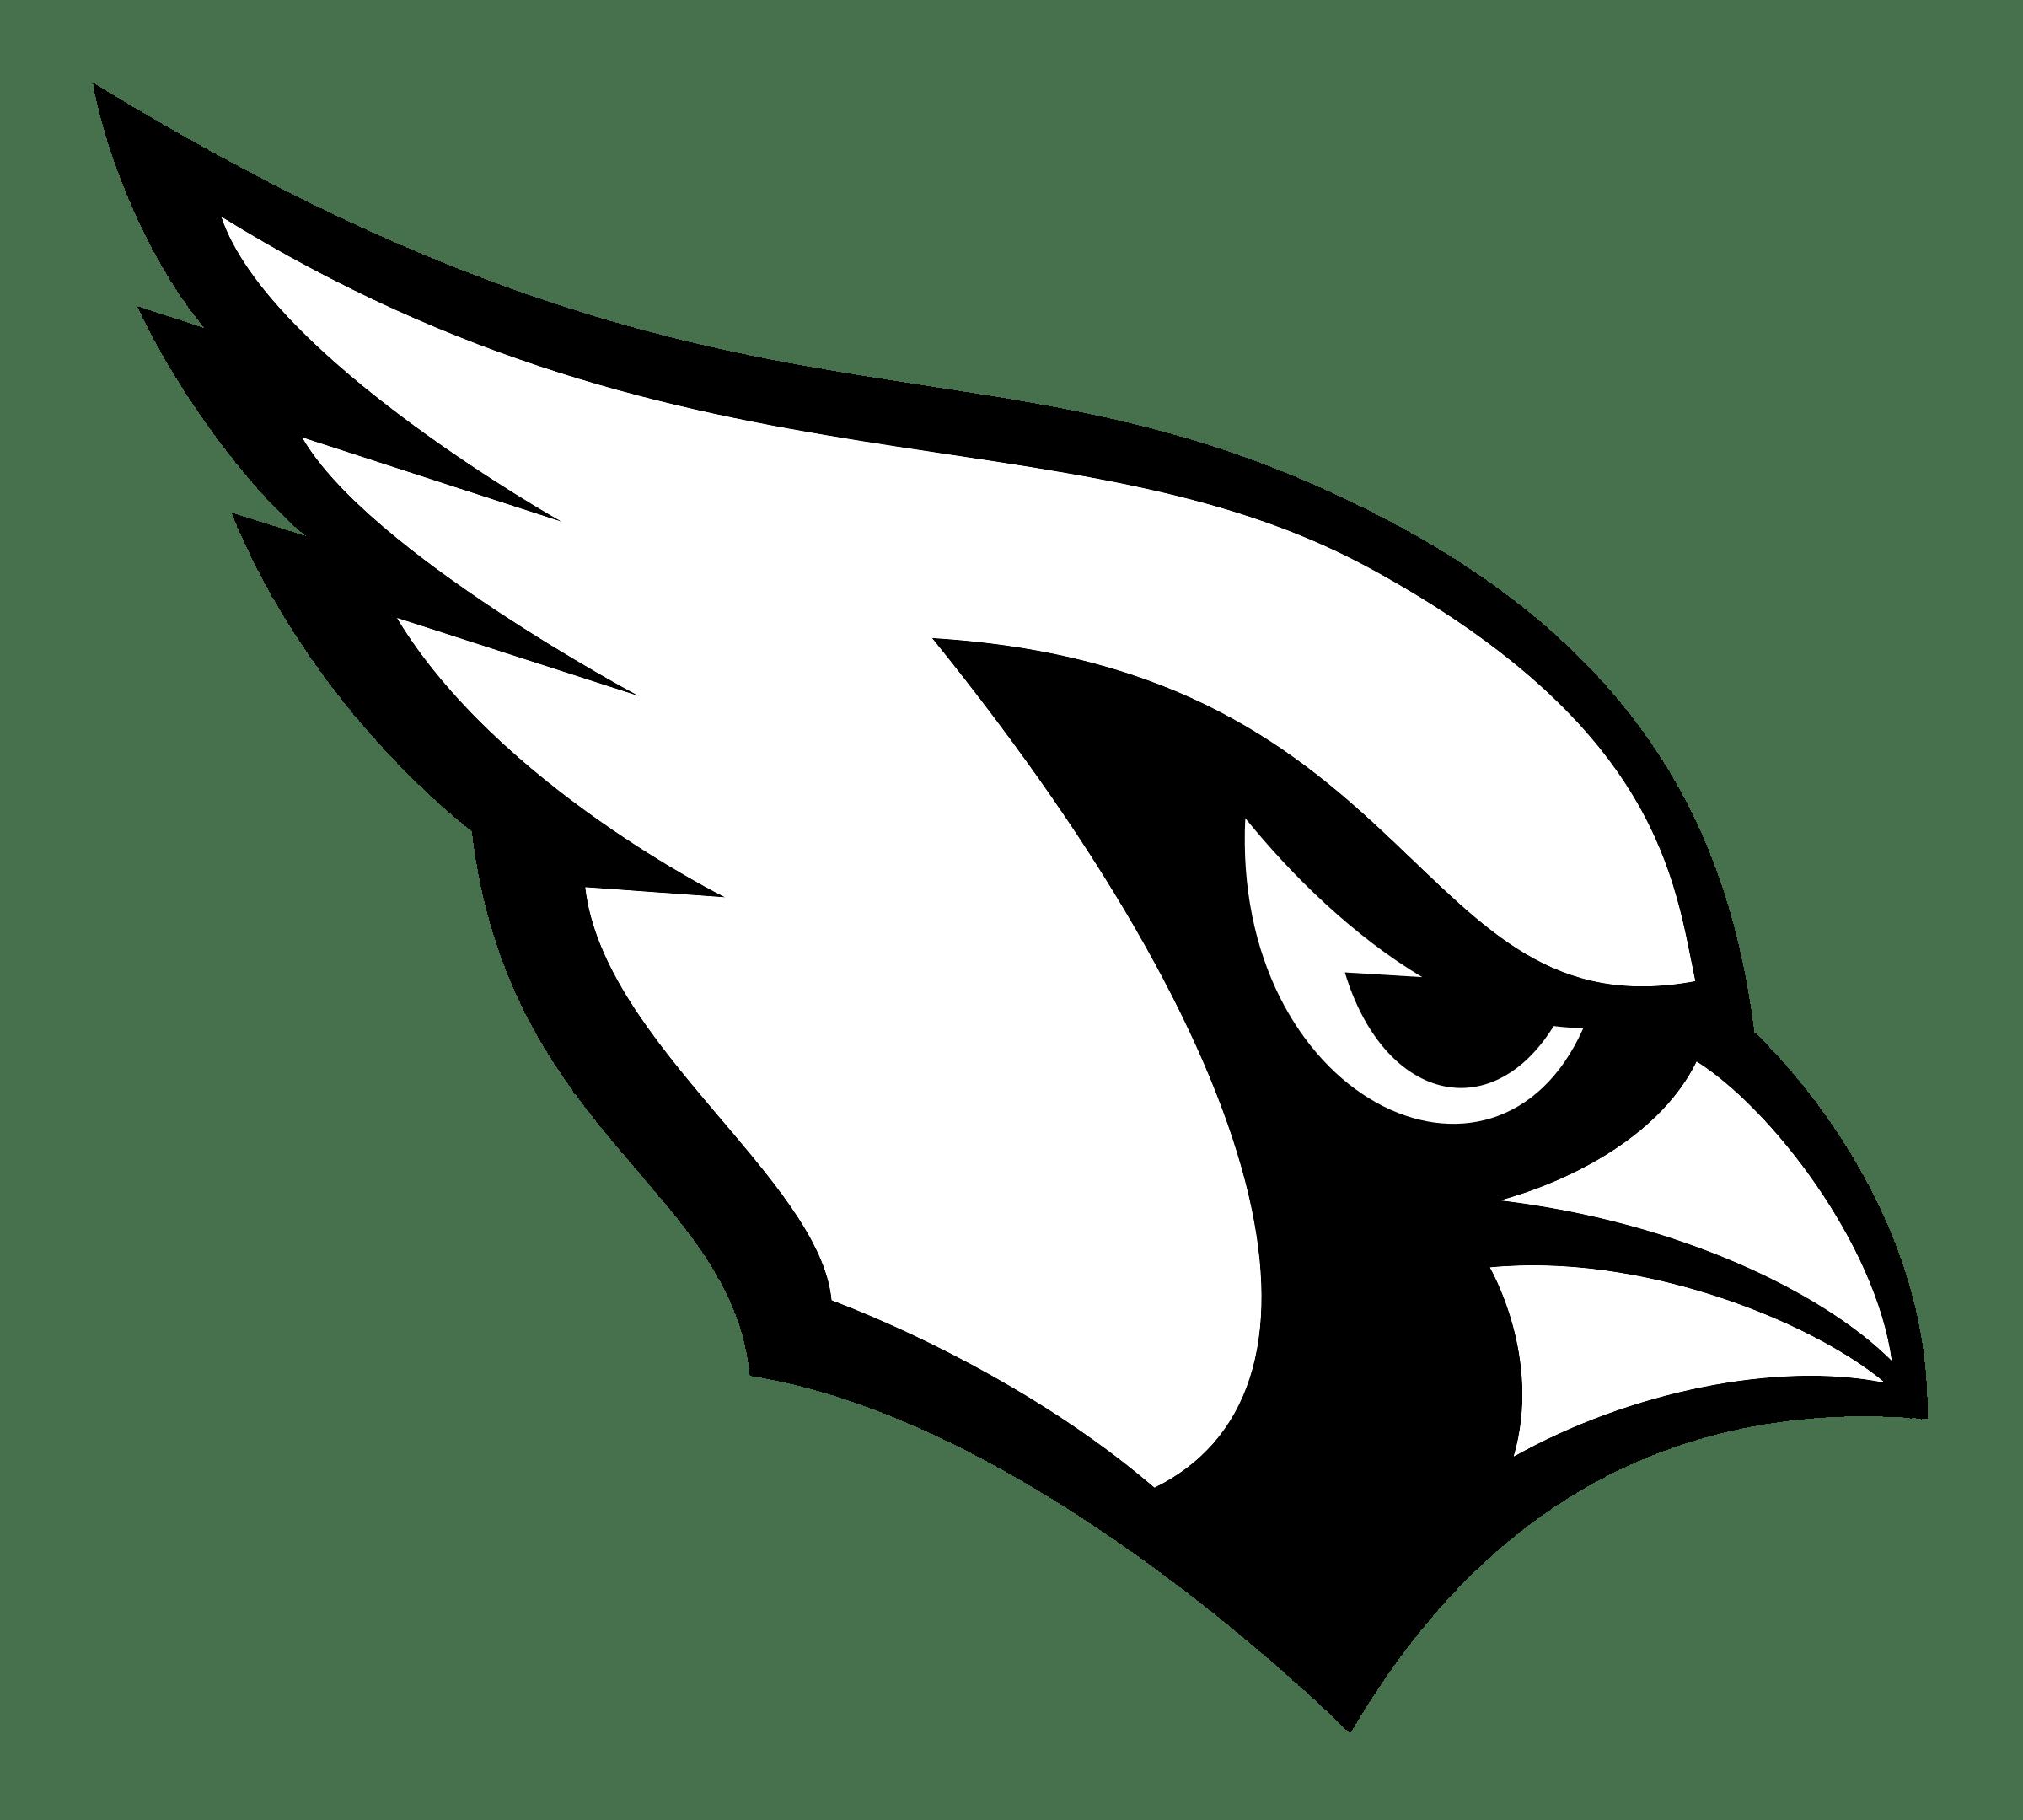 Arizona Cardinals Logo Transparent Amp Svg Vector